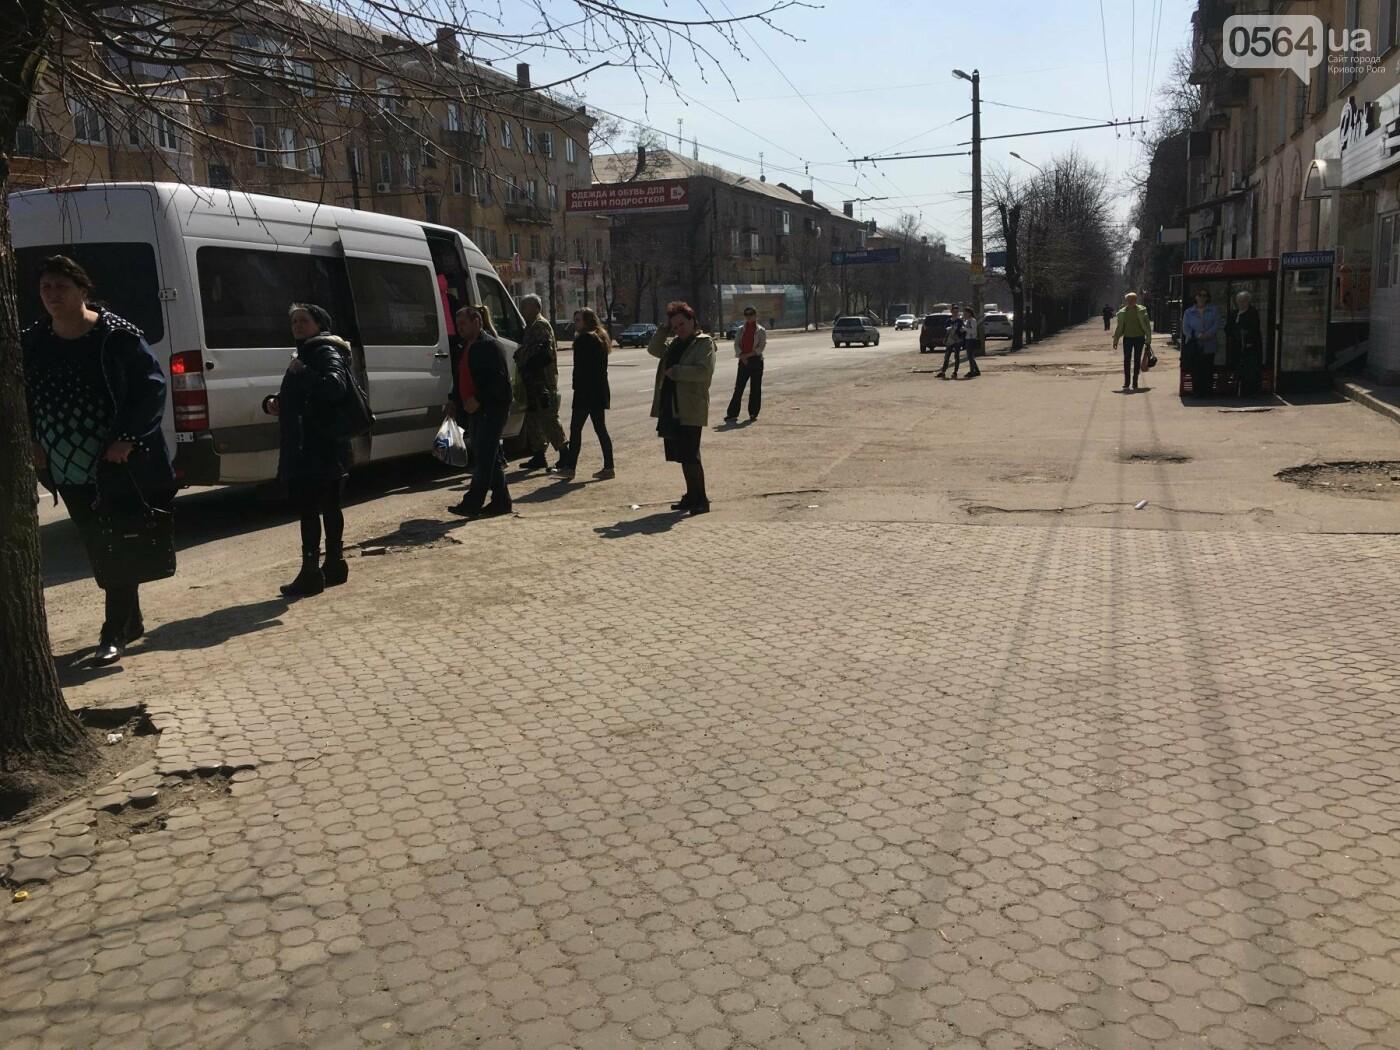 Криворожская правозащитница потребовала отремонтировать остановку так же быстро, как и дорожки перед райисполкомом (ФОТО), фото-7